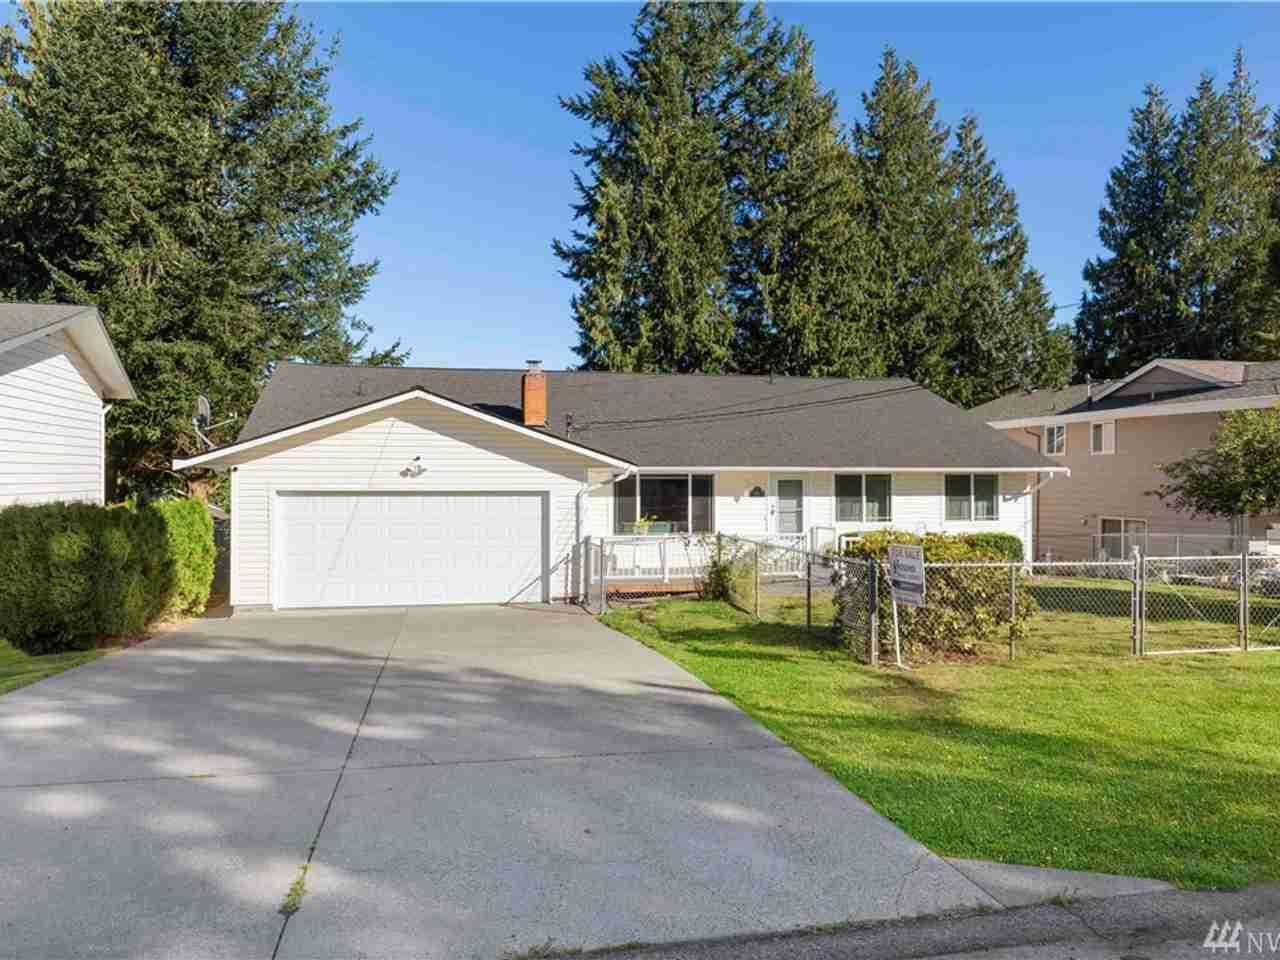 8817 4 Place SE Everett, WA, 98208